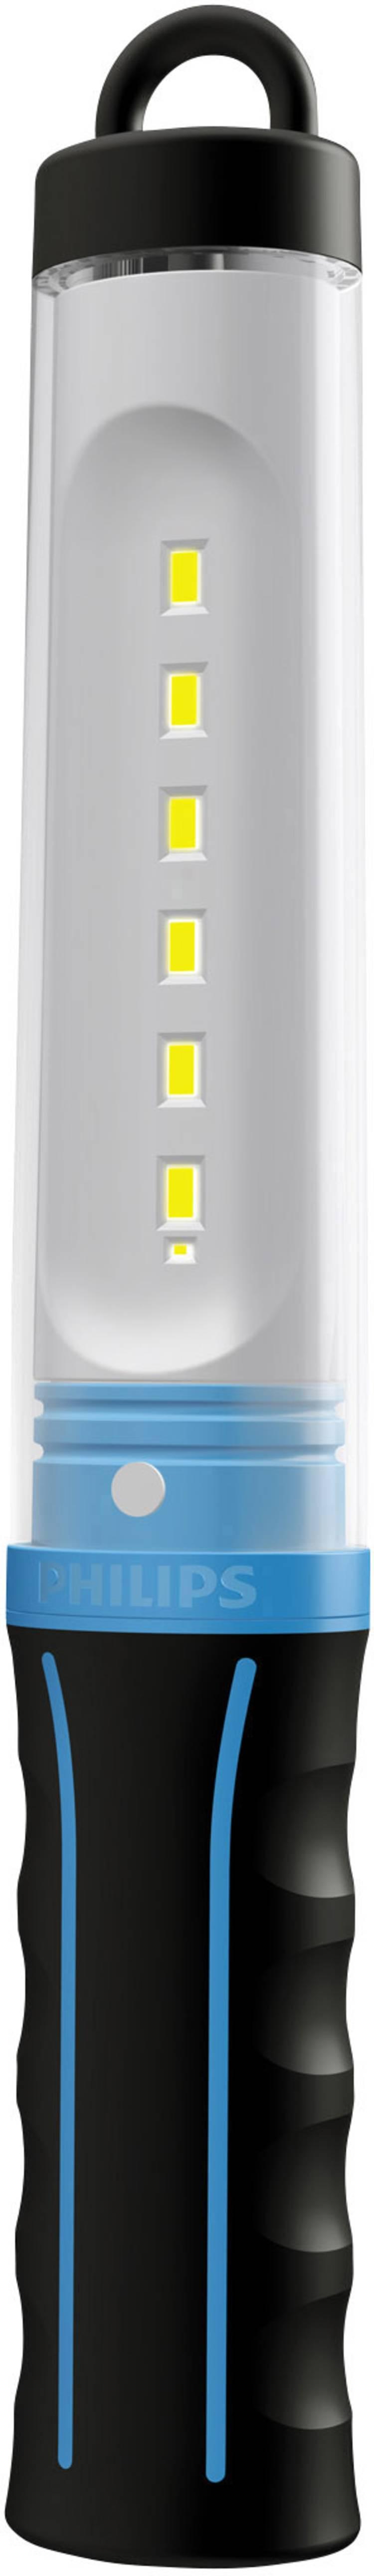 Image of Philips 39060531 RCH10 Hoog vermogen LEDs Werklamp werkt op een accu